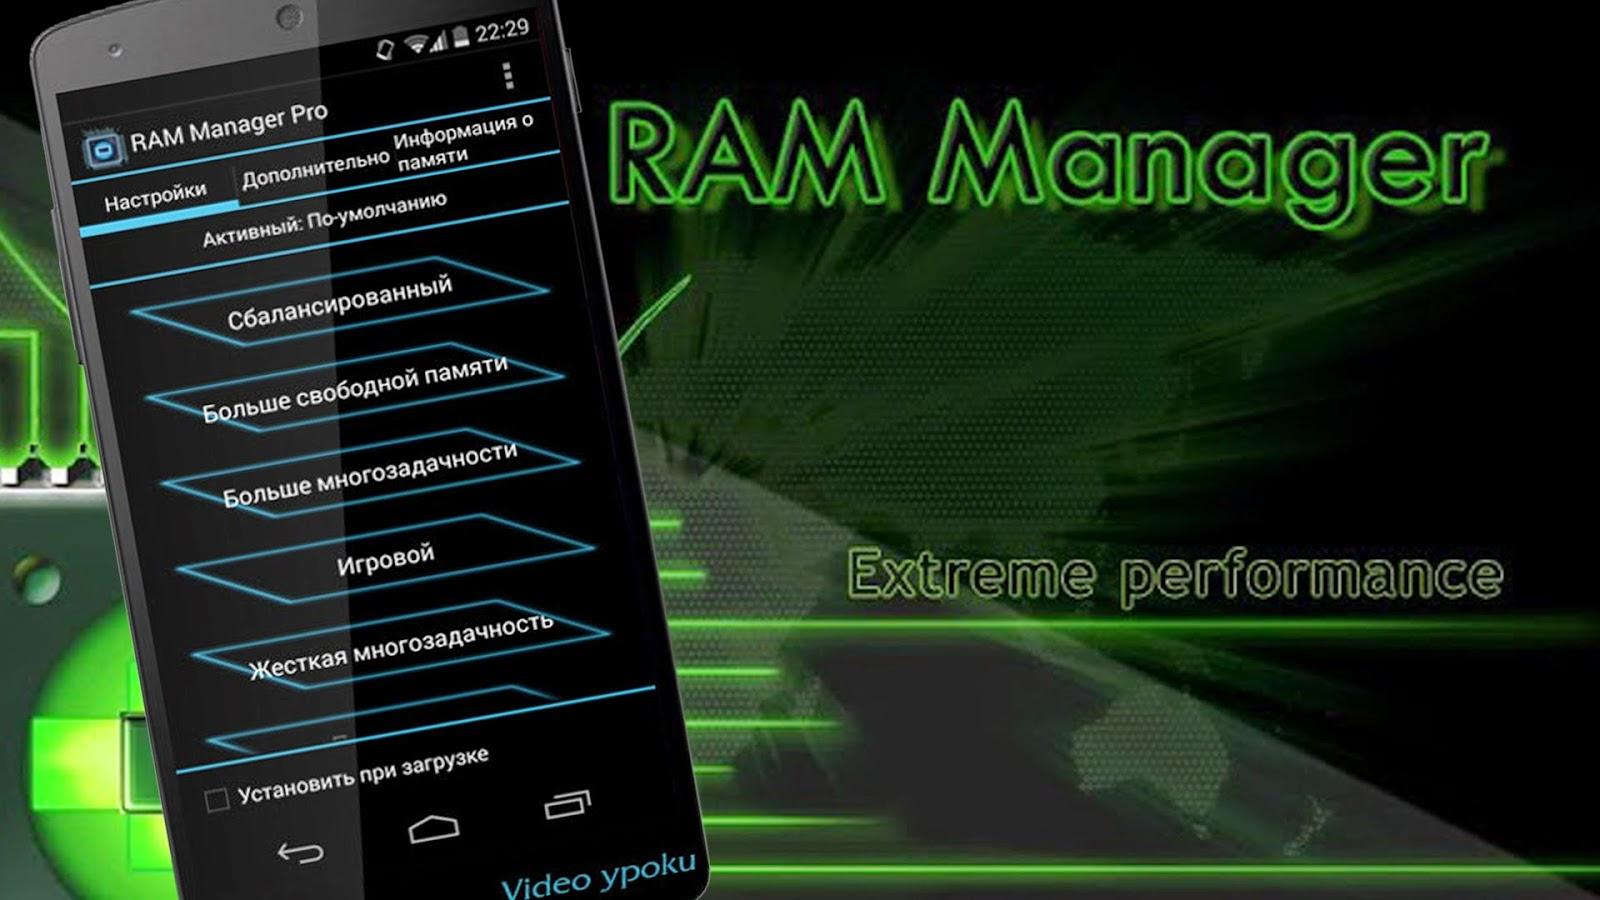 Ini Cara Mudah Menambah Kapasitas RAM Android yang Benar